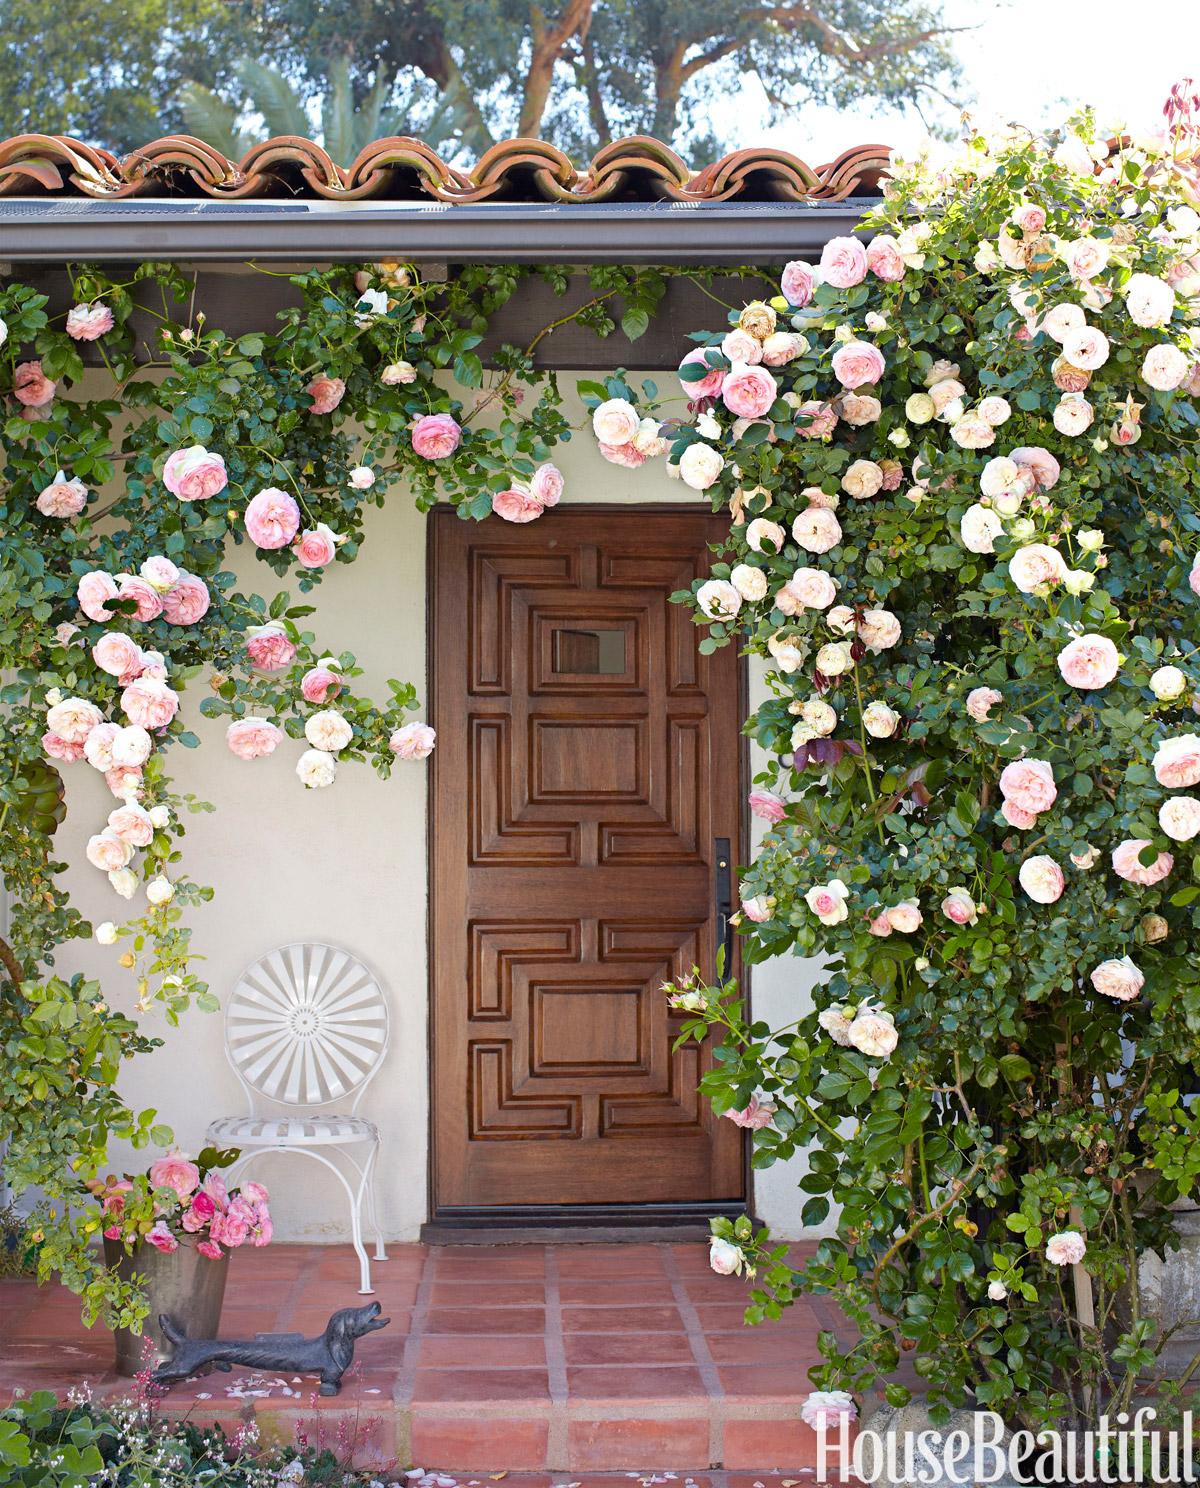 Garden Decor Los Angeles: Small Los Angeles Bungalow